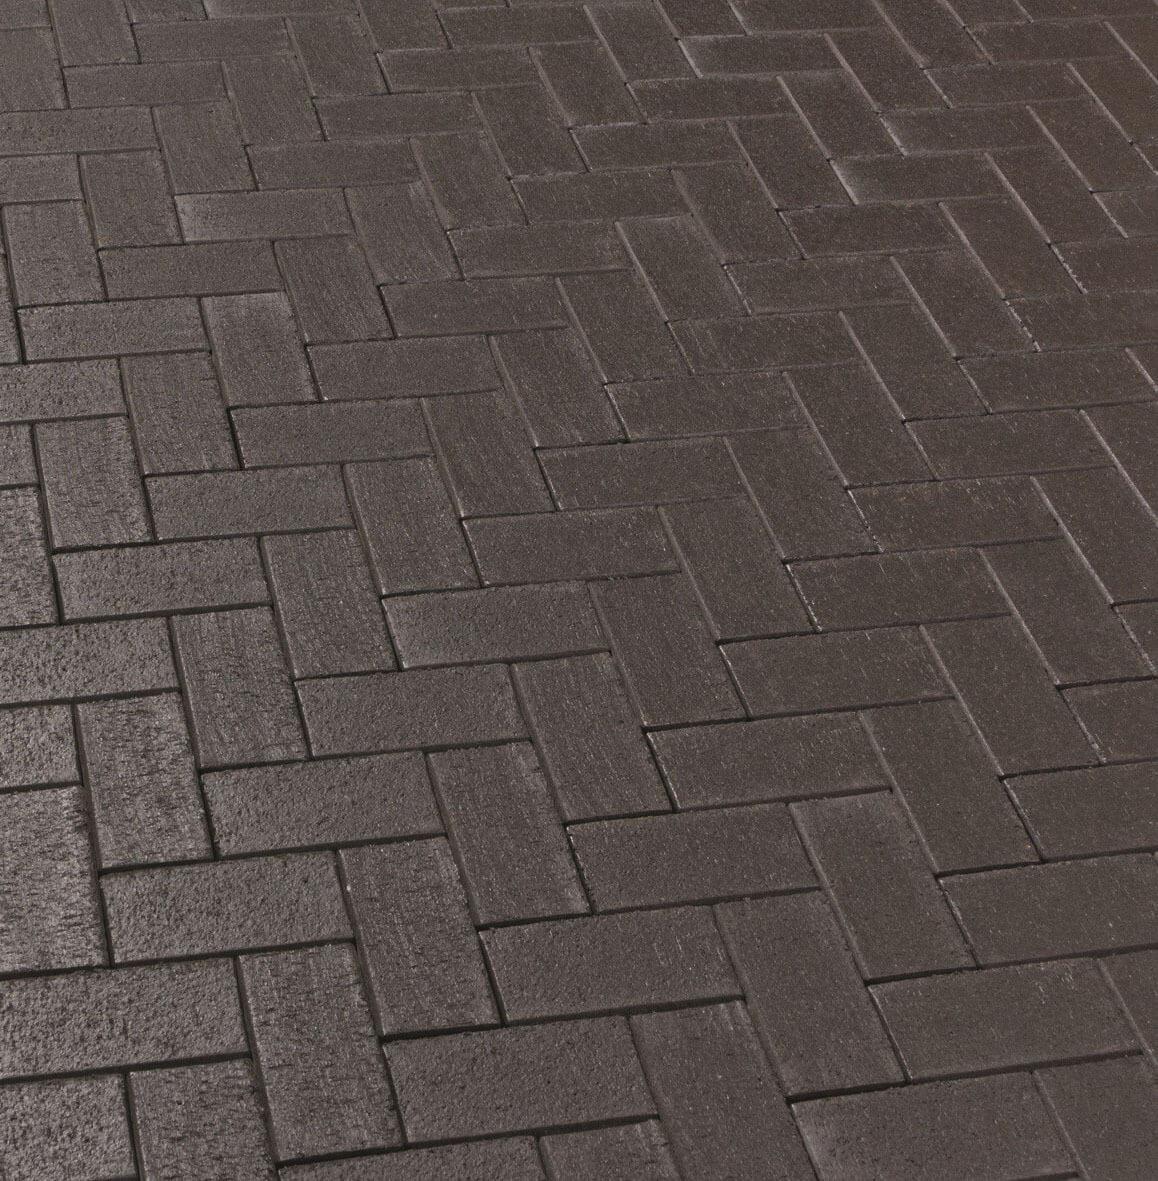 Feldhaus Klinker - P609KDF, Umbra ferrum, антрацитовый с фиолетовым нагаром, с оттенками, 200x100x52 - Клинкерная тротуарная брусчатка